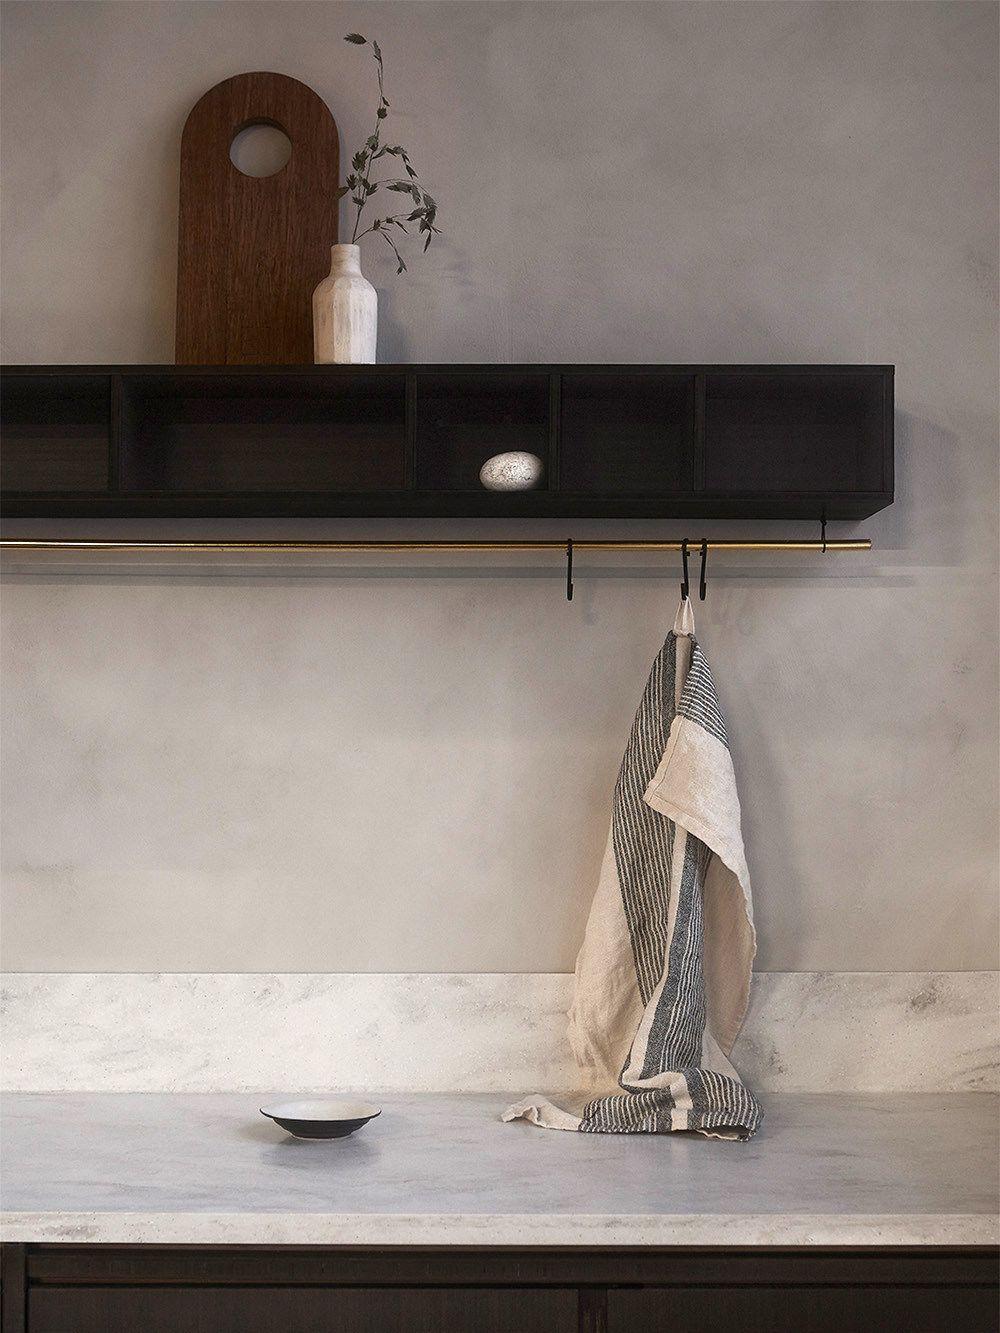 Ikea Upgrade Stylish Sustainable Bamboo Cabinet Fronts For Ikea Kitchen Cabinets Bamboo Cabinets Bamboo Kitchen Cabinets Cost Of Kitchen Cabinets